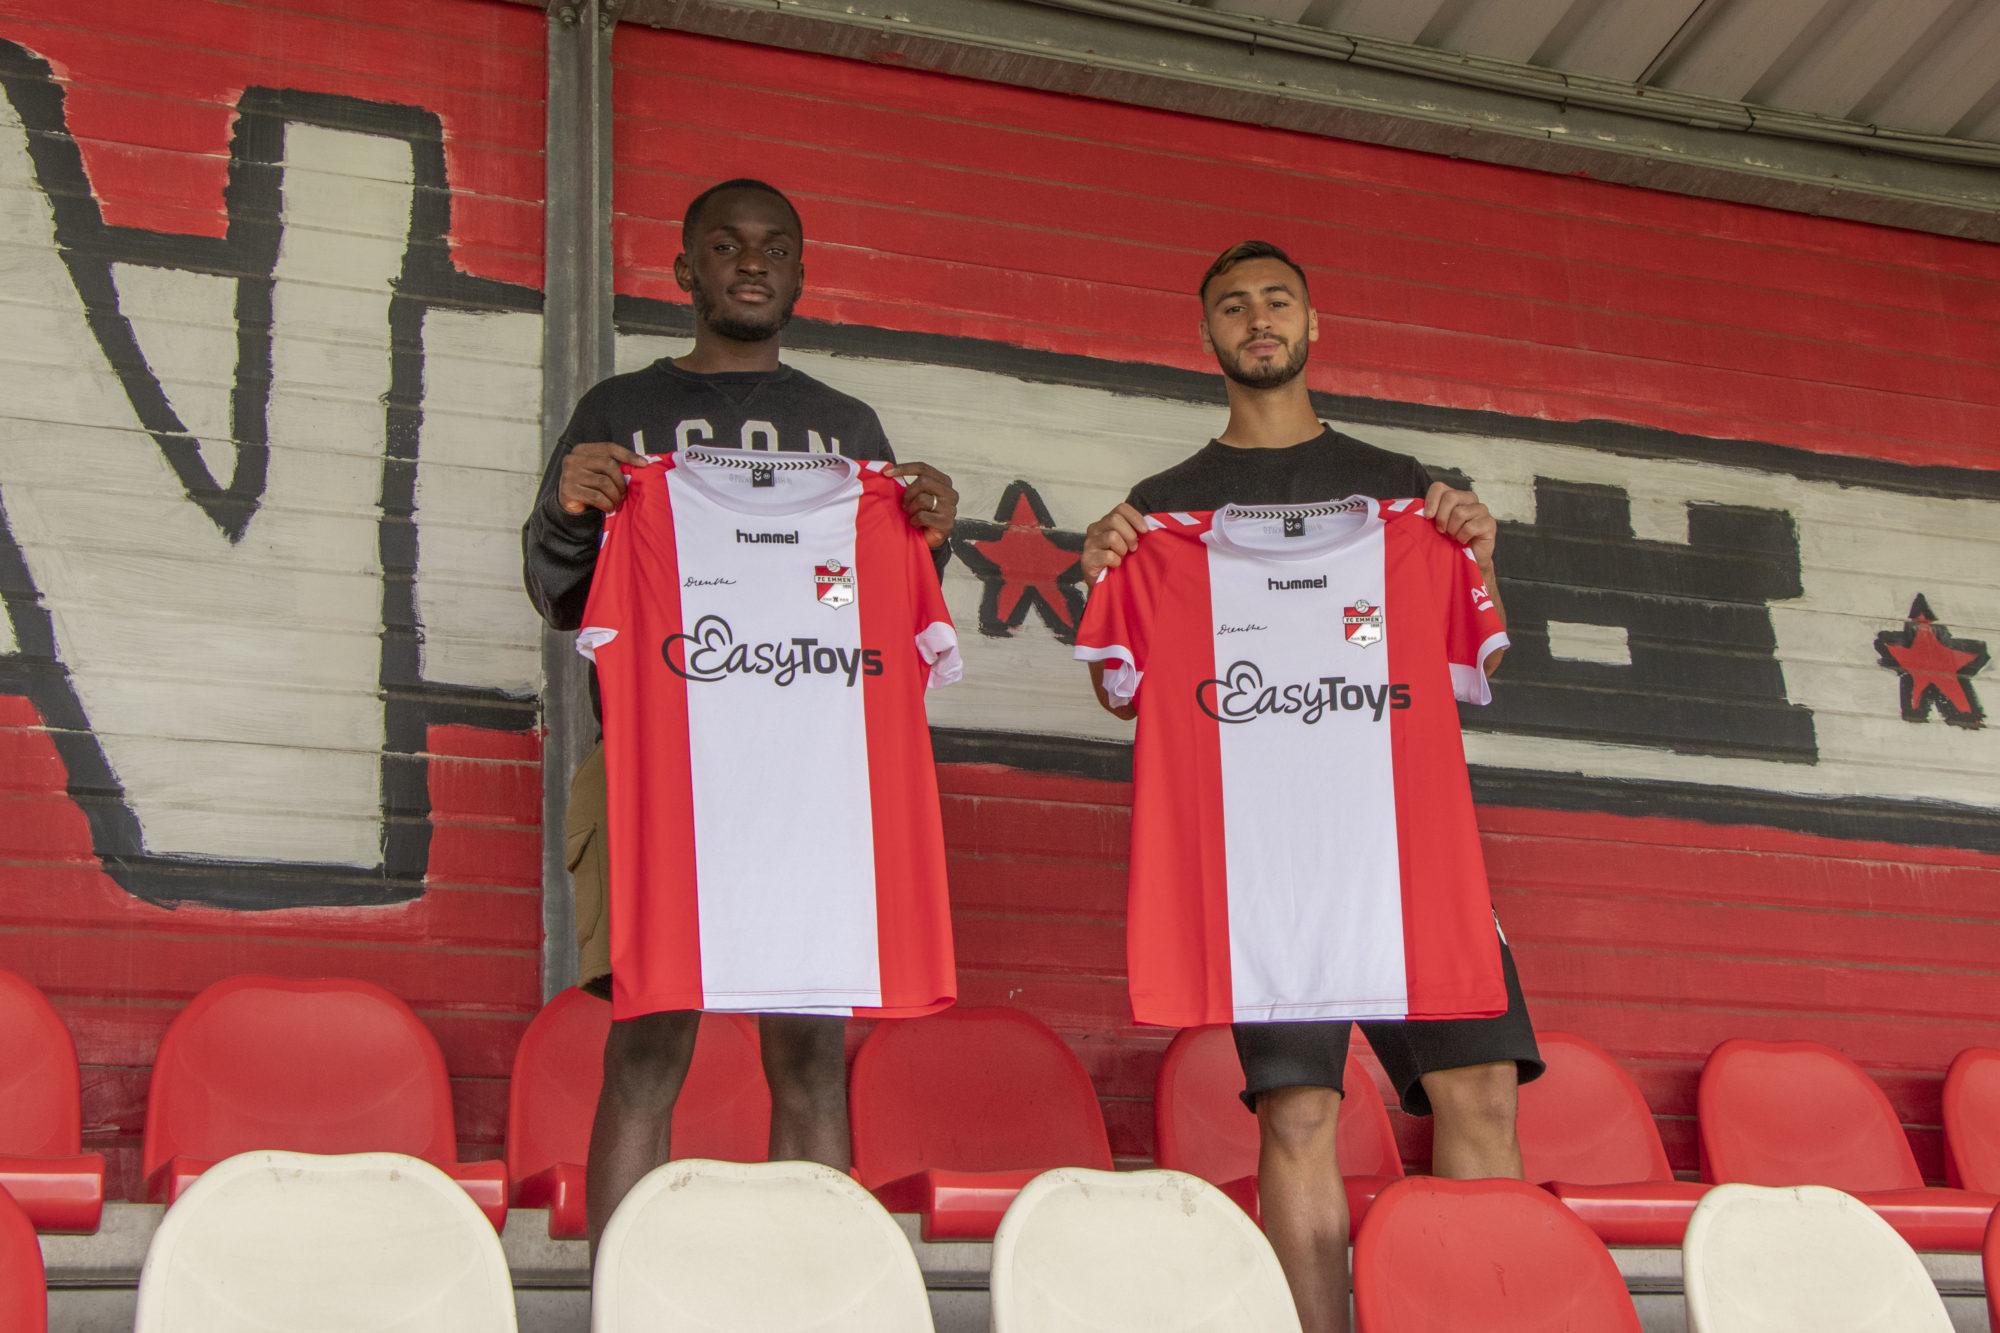 Luzayadio en Toufiqui naar FC Emmen